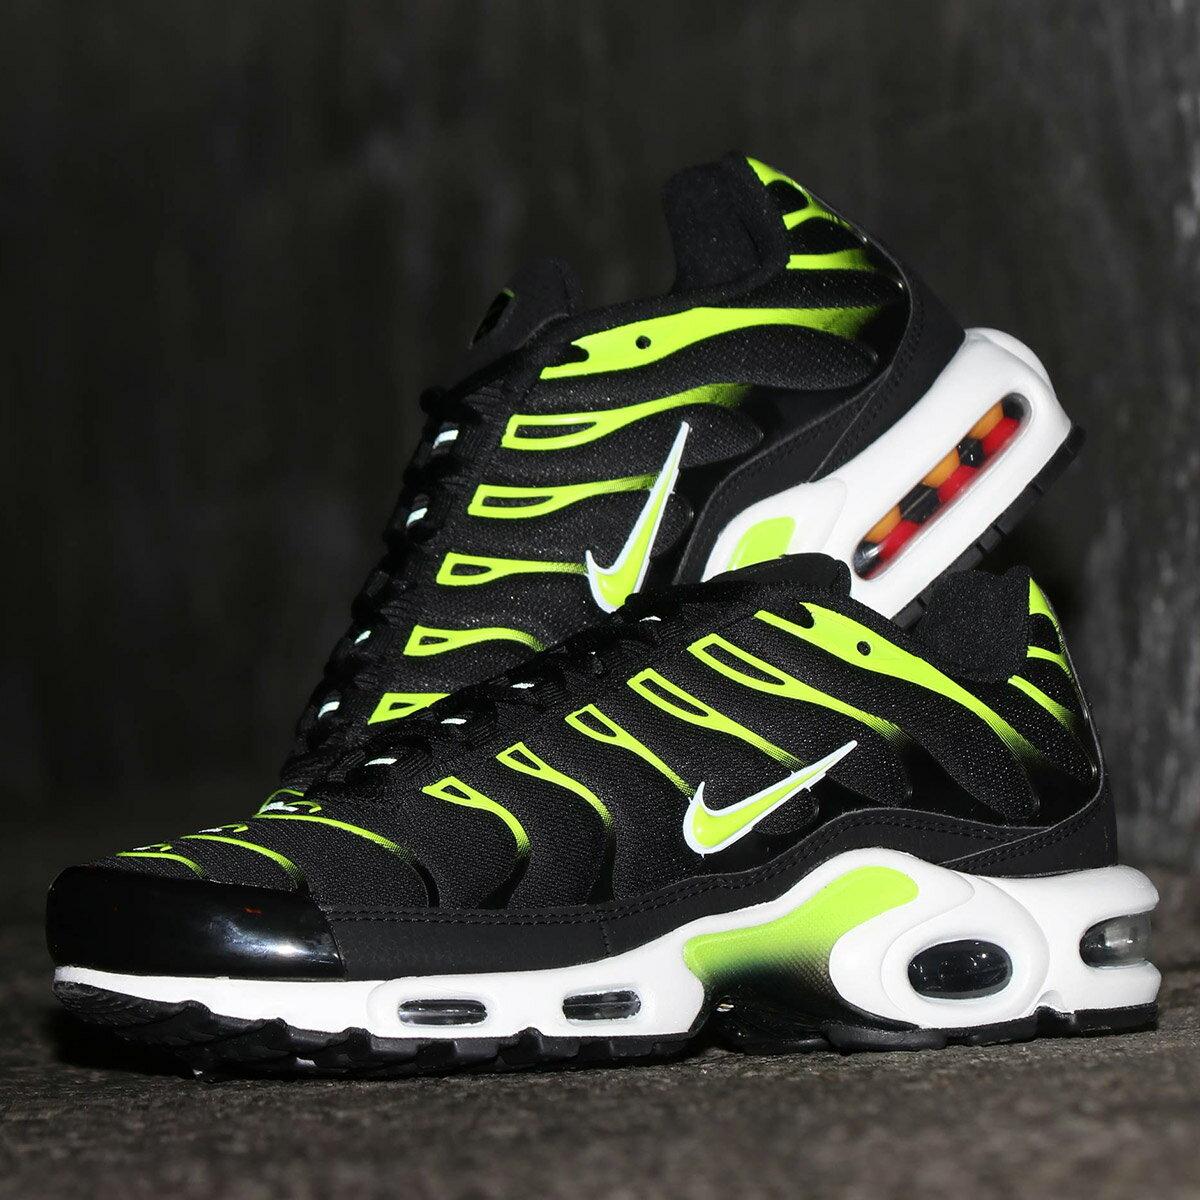 メンズ靴, スニーカー NIKE AIR MAX PLUS( )BLACKVOLT-WHITE-PLATINUM TINT 19SP-I atpss20